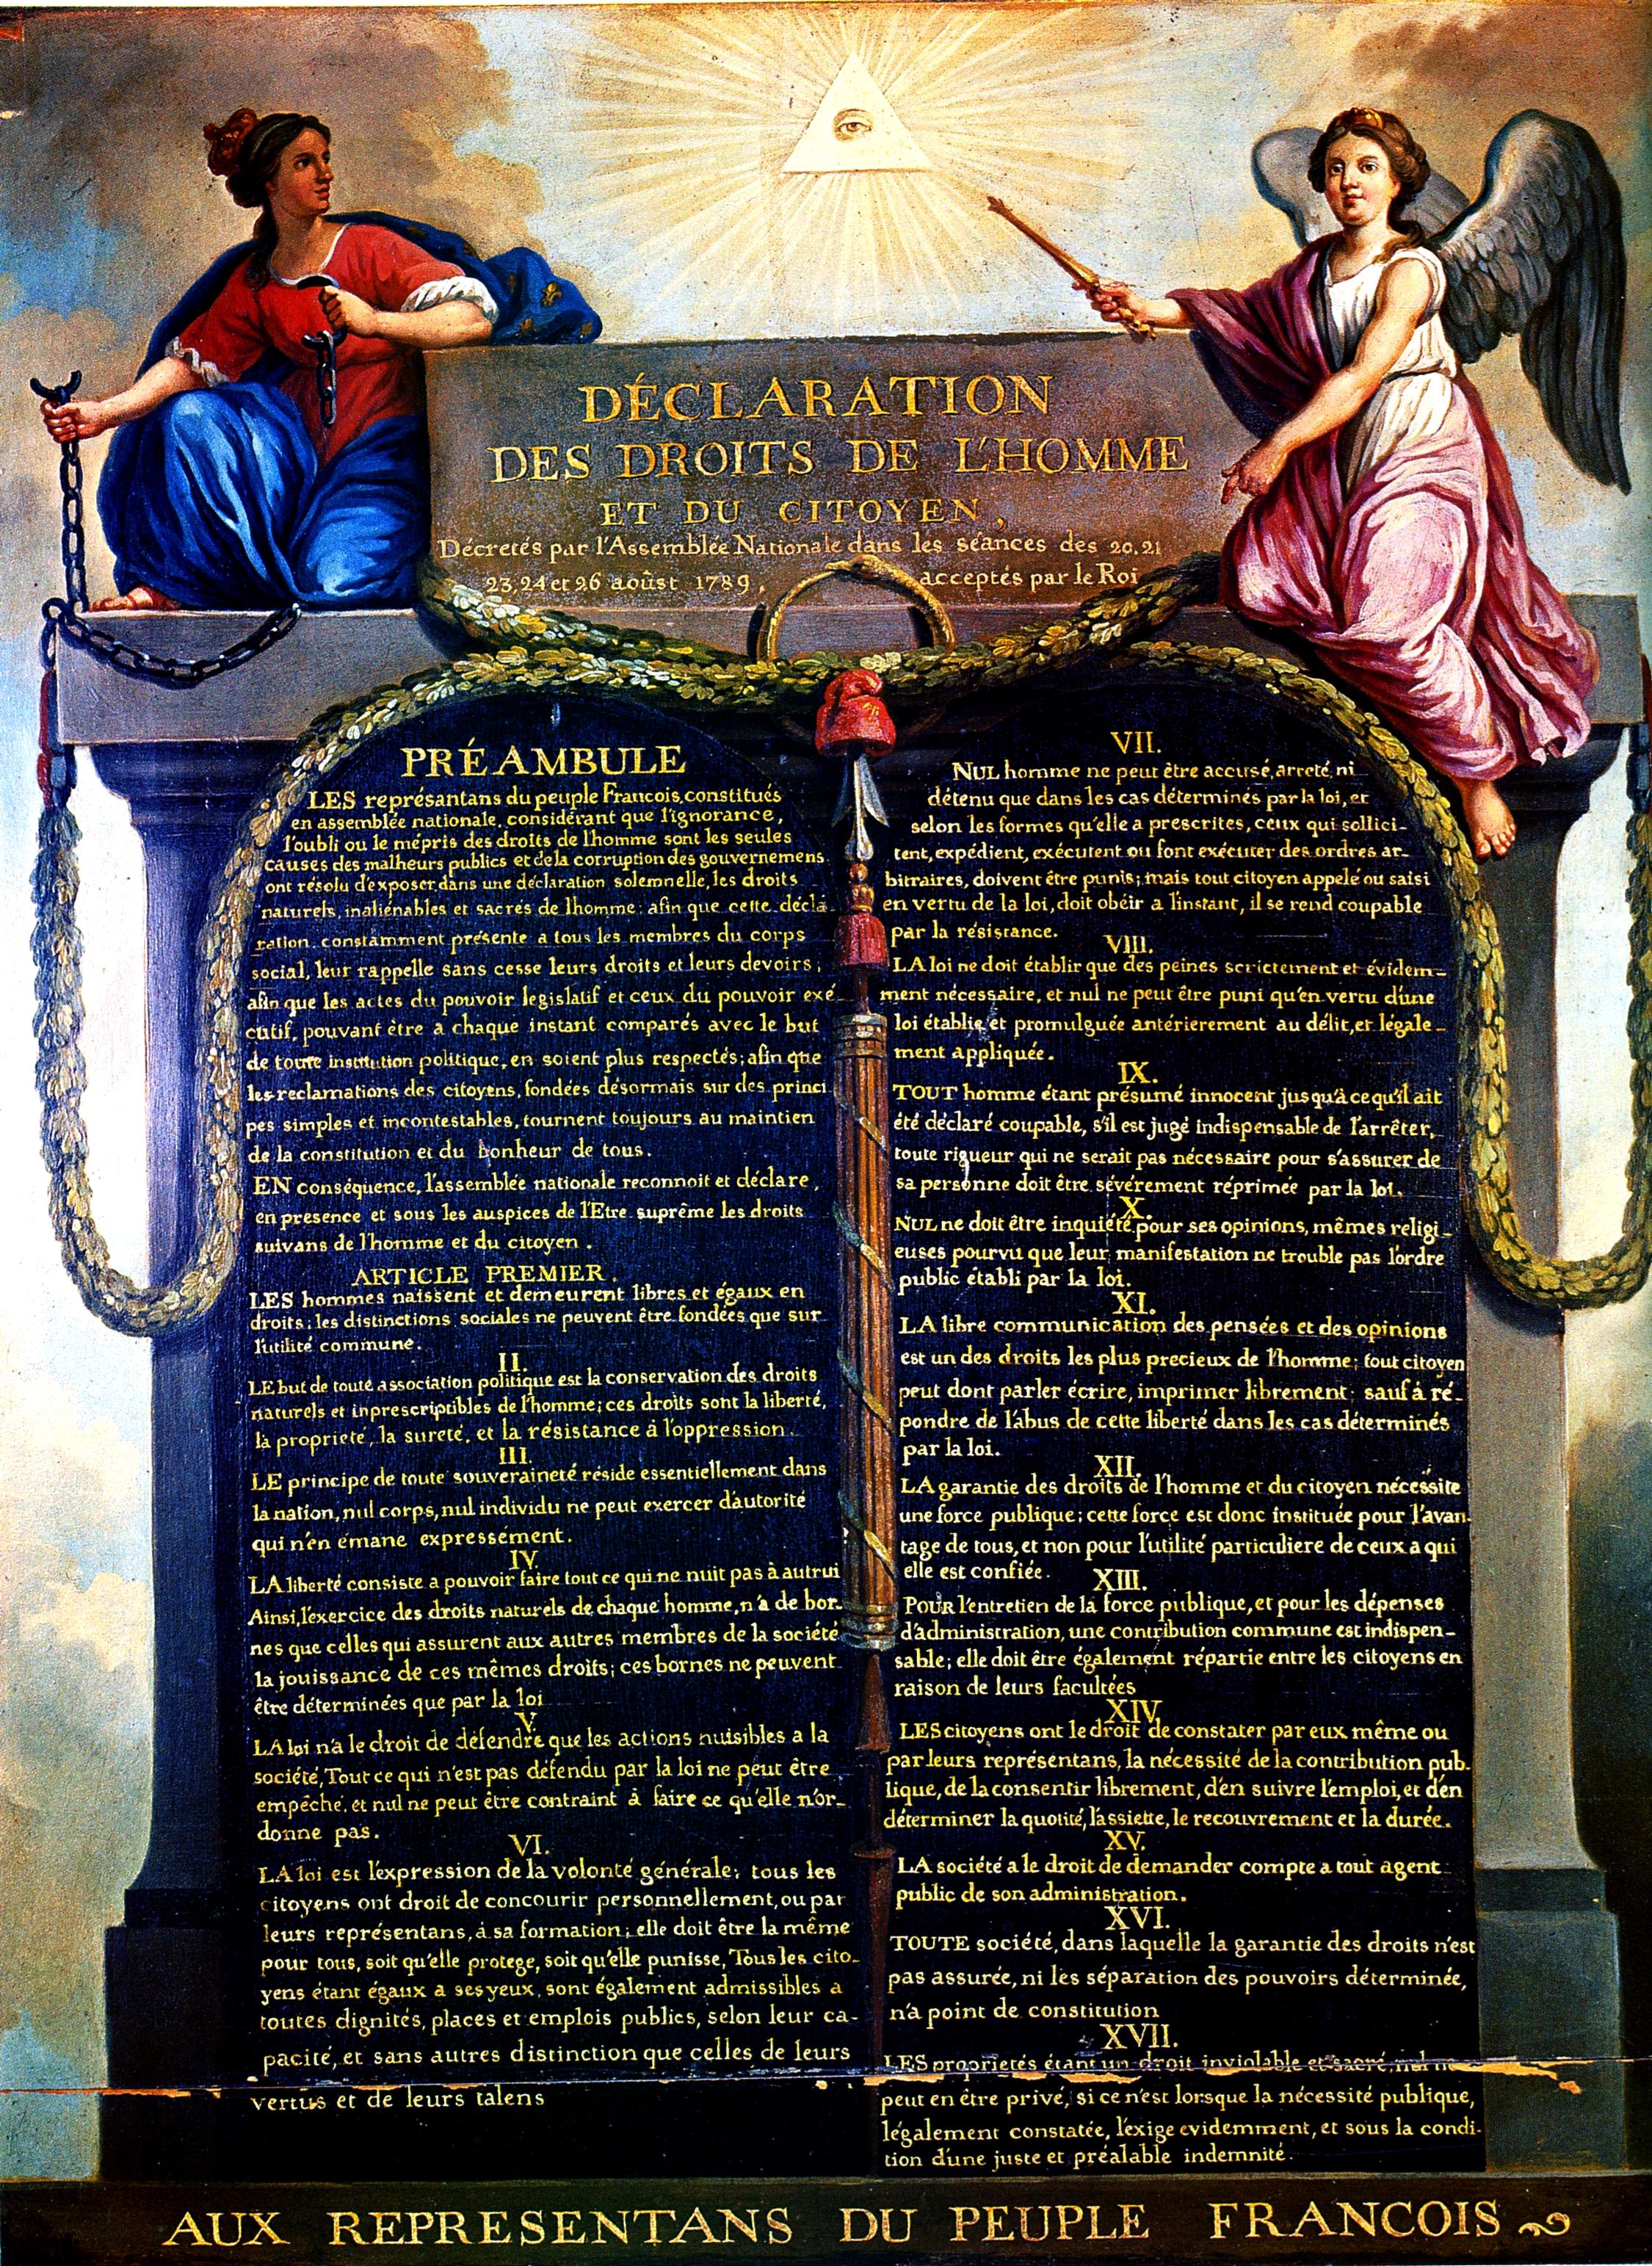 Déclaration des droits de l'homme et du citoyen - DDHC - 1789 - Peinture - Le Barbier - Révolution française - SchoolMouv - Histoire - CM1